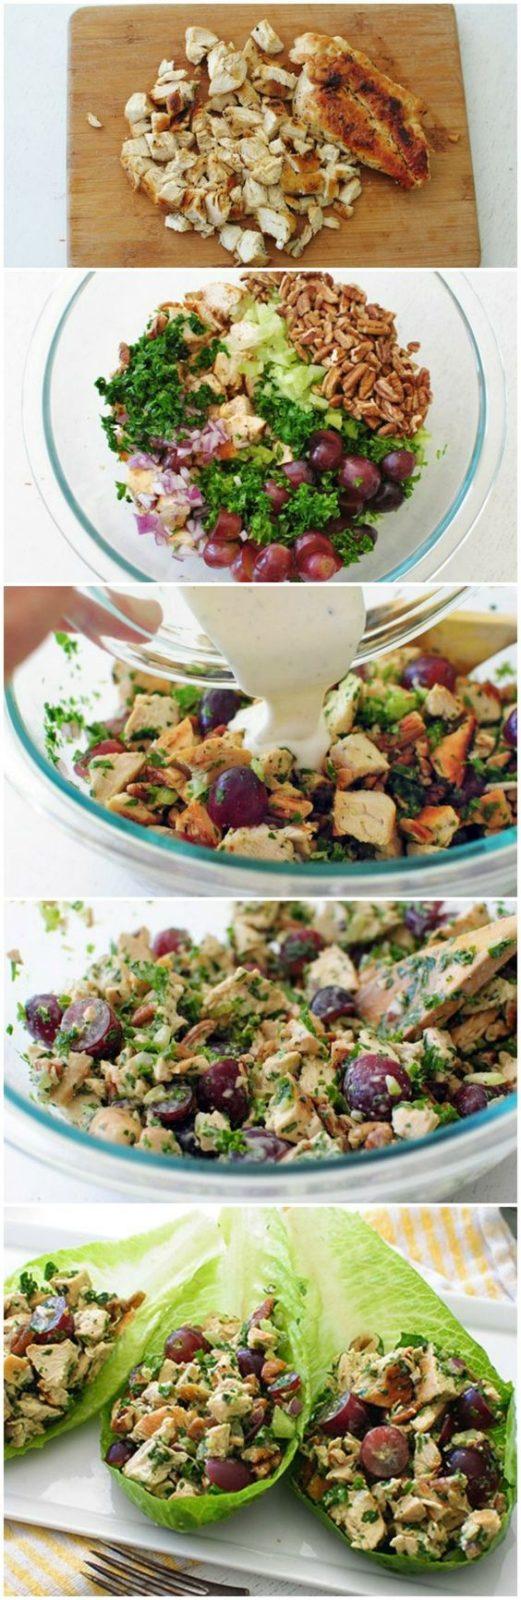 салатики вкусные и простые рецепты на день рождения